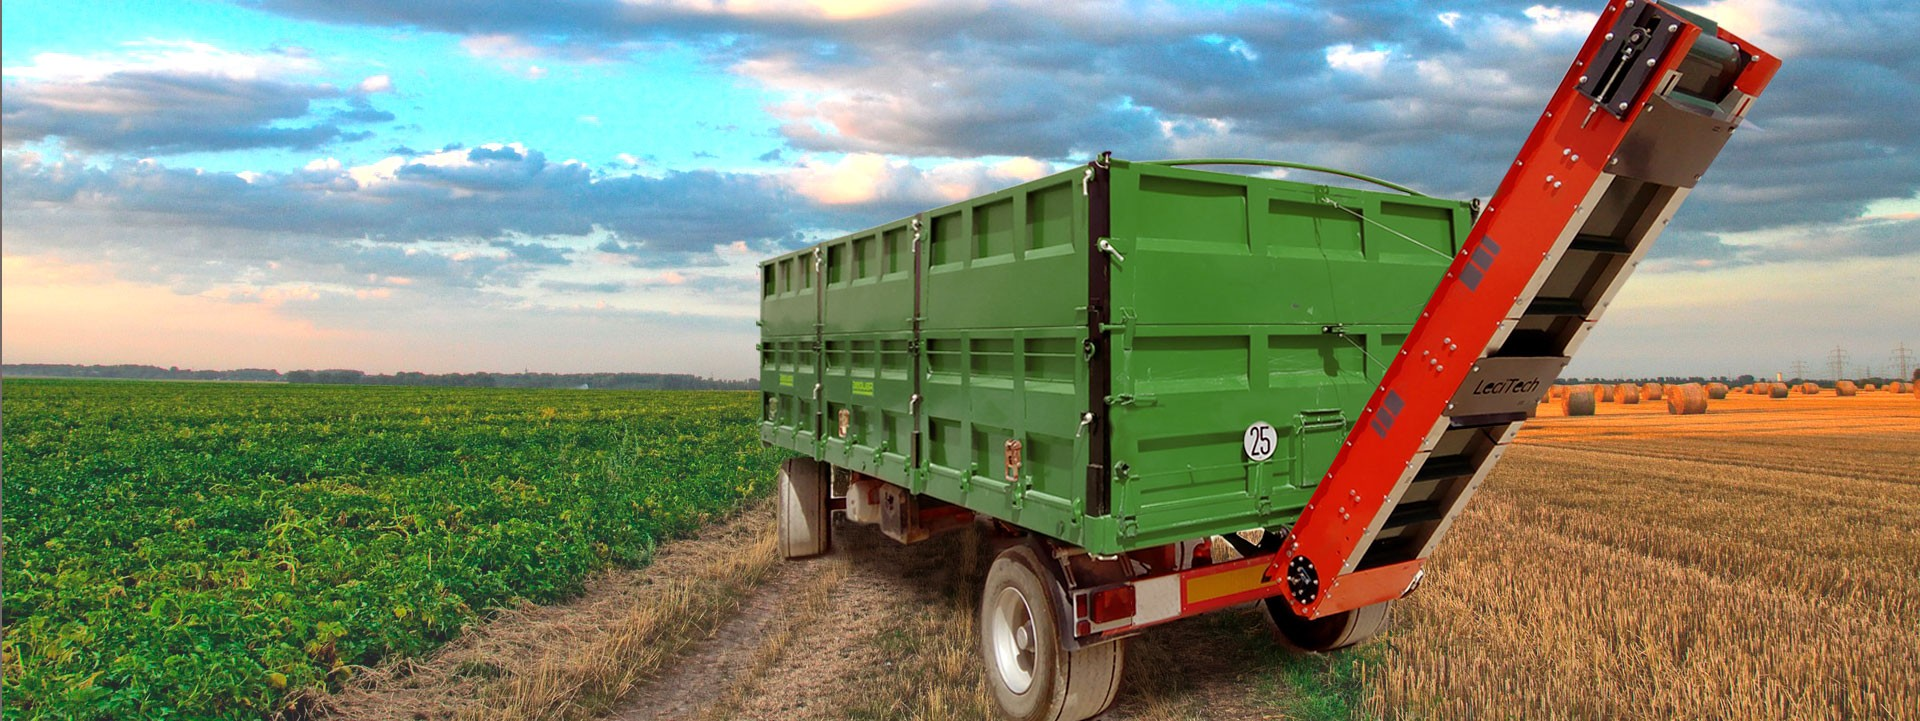 Imagen de banda transportadora para semillas delicadas